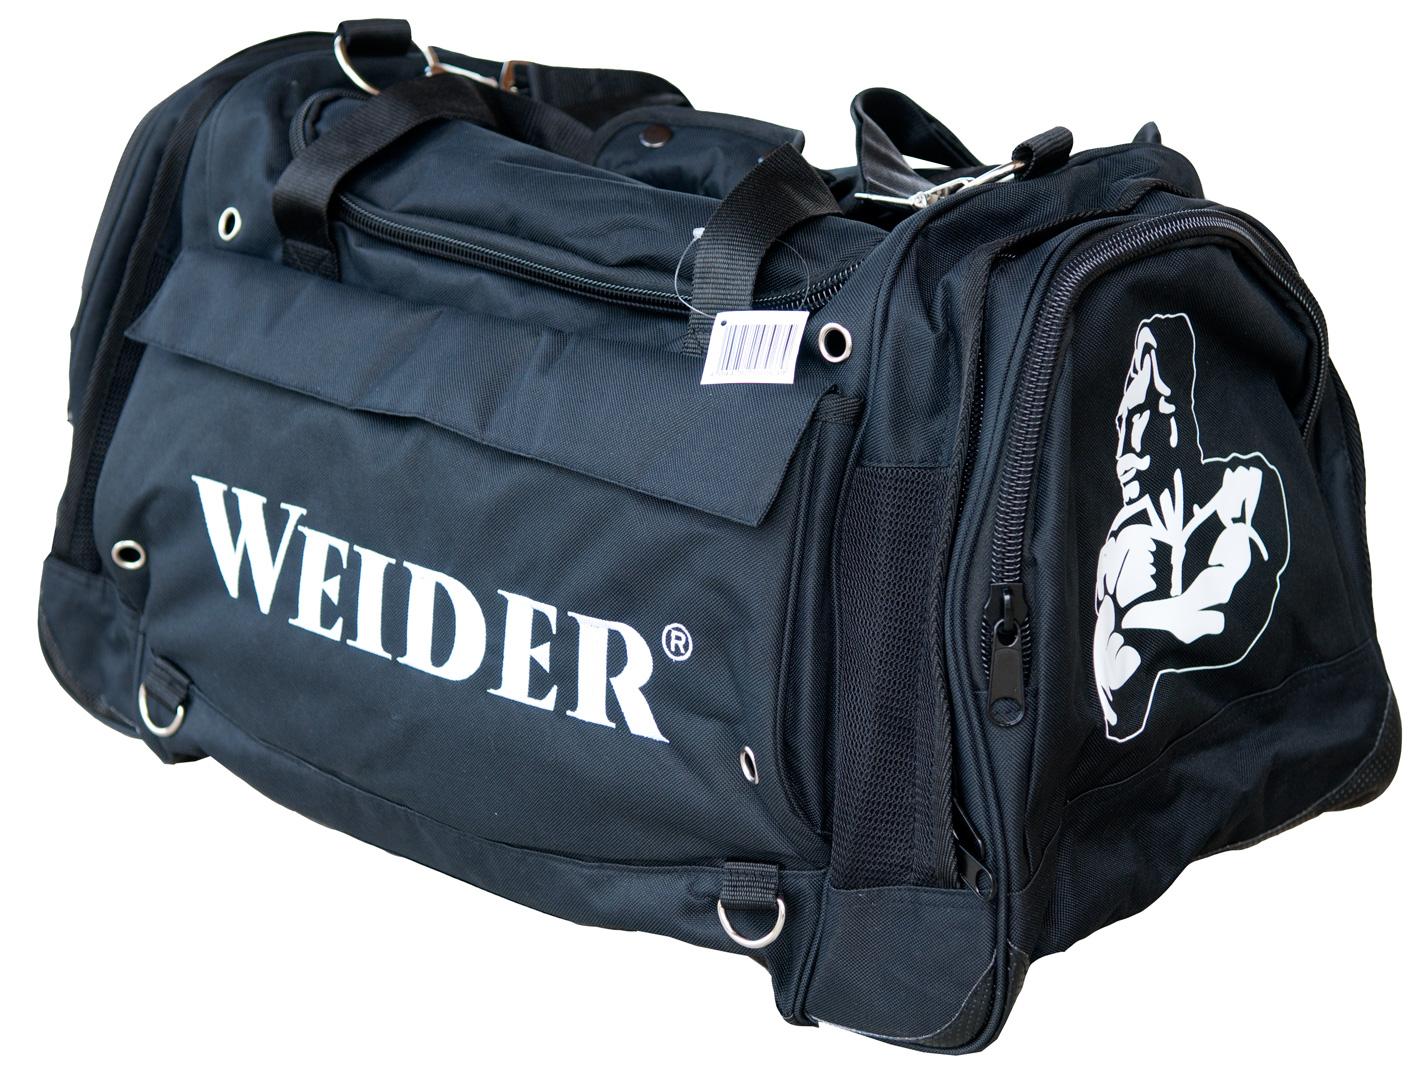 133e95692afe Купить Спортивная сумка WEIDER в Москве, цена на средство для здоровья Спортивная  сумка WEIDER в интернет-магазине ...